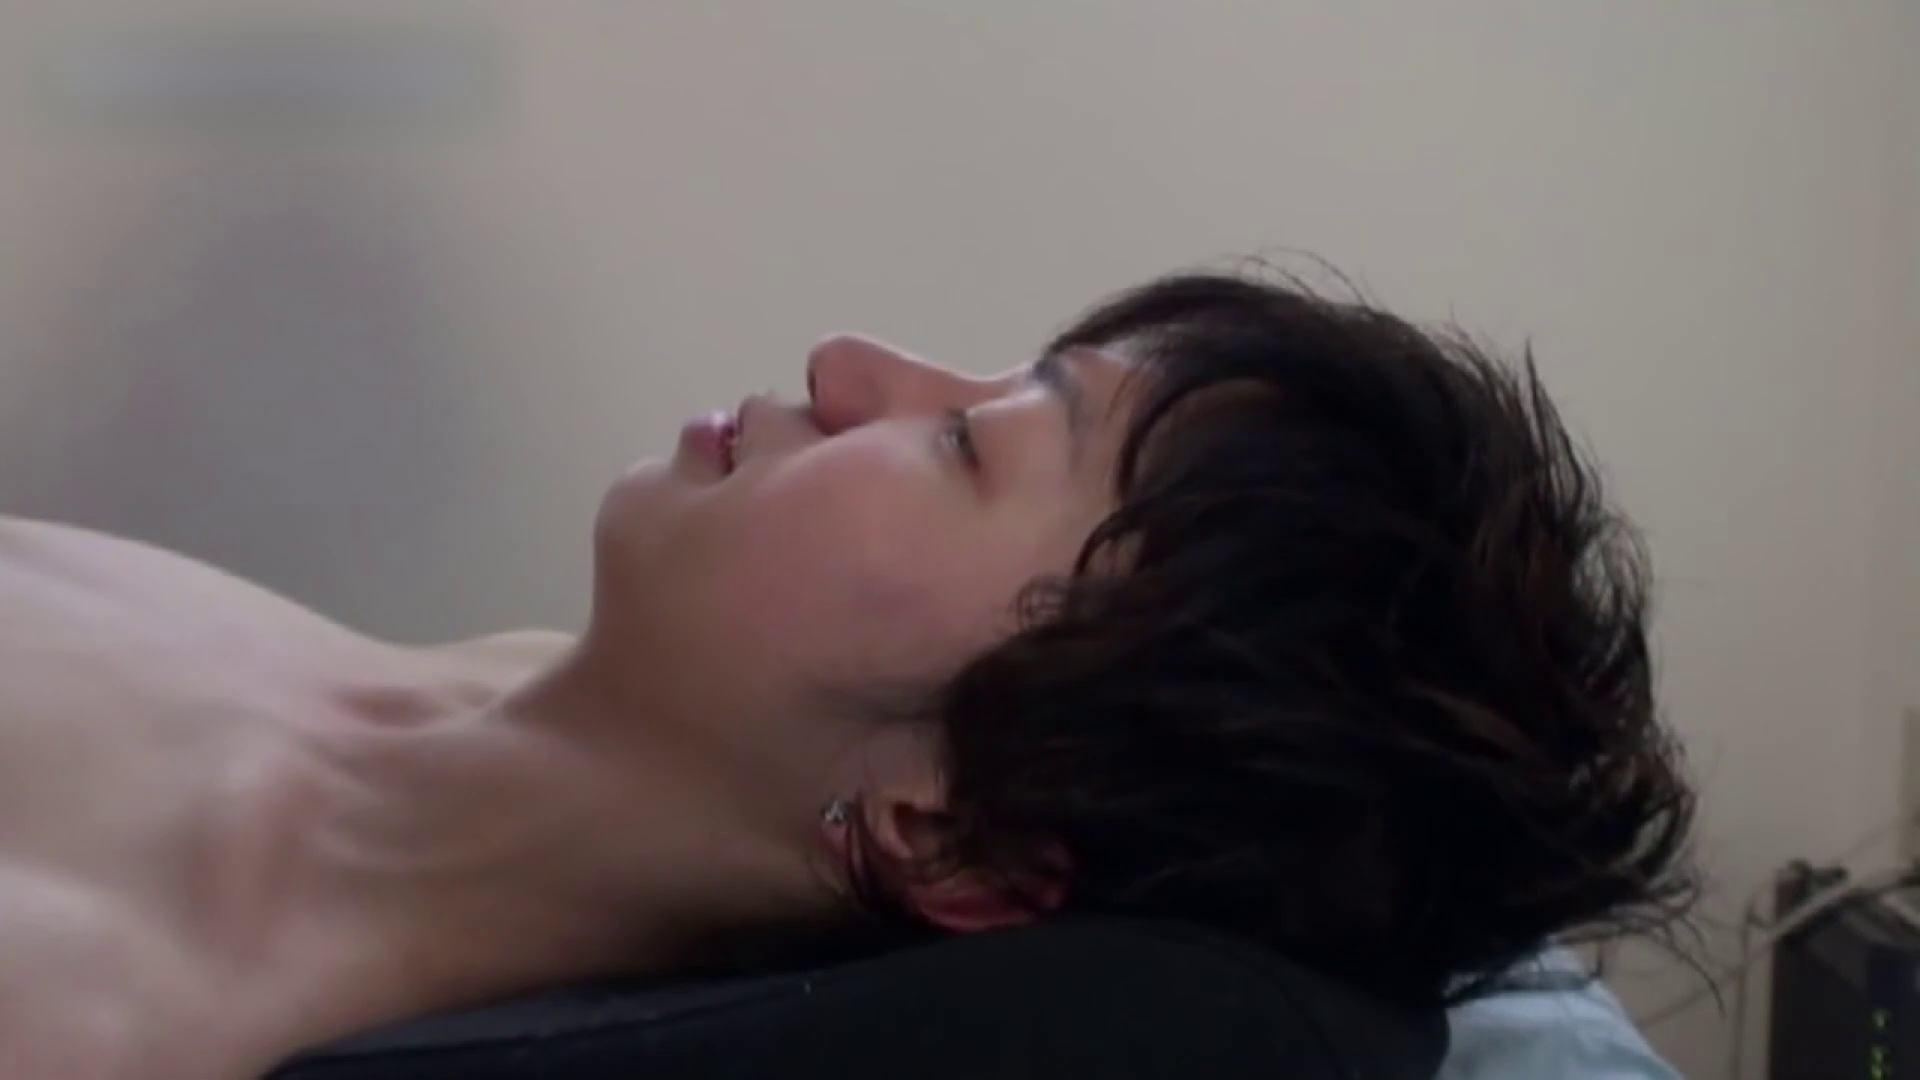 イケイケMEN'SCLUB vol.26後編 口内発射シーン ゲイエロ動画 89枚 34